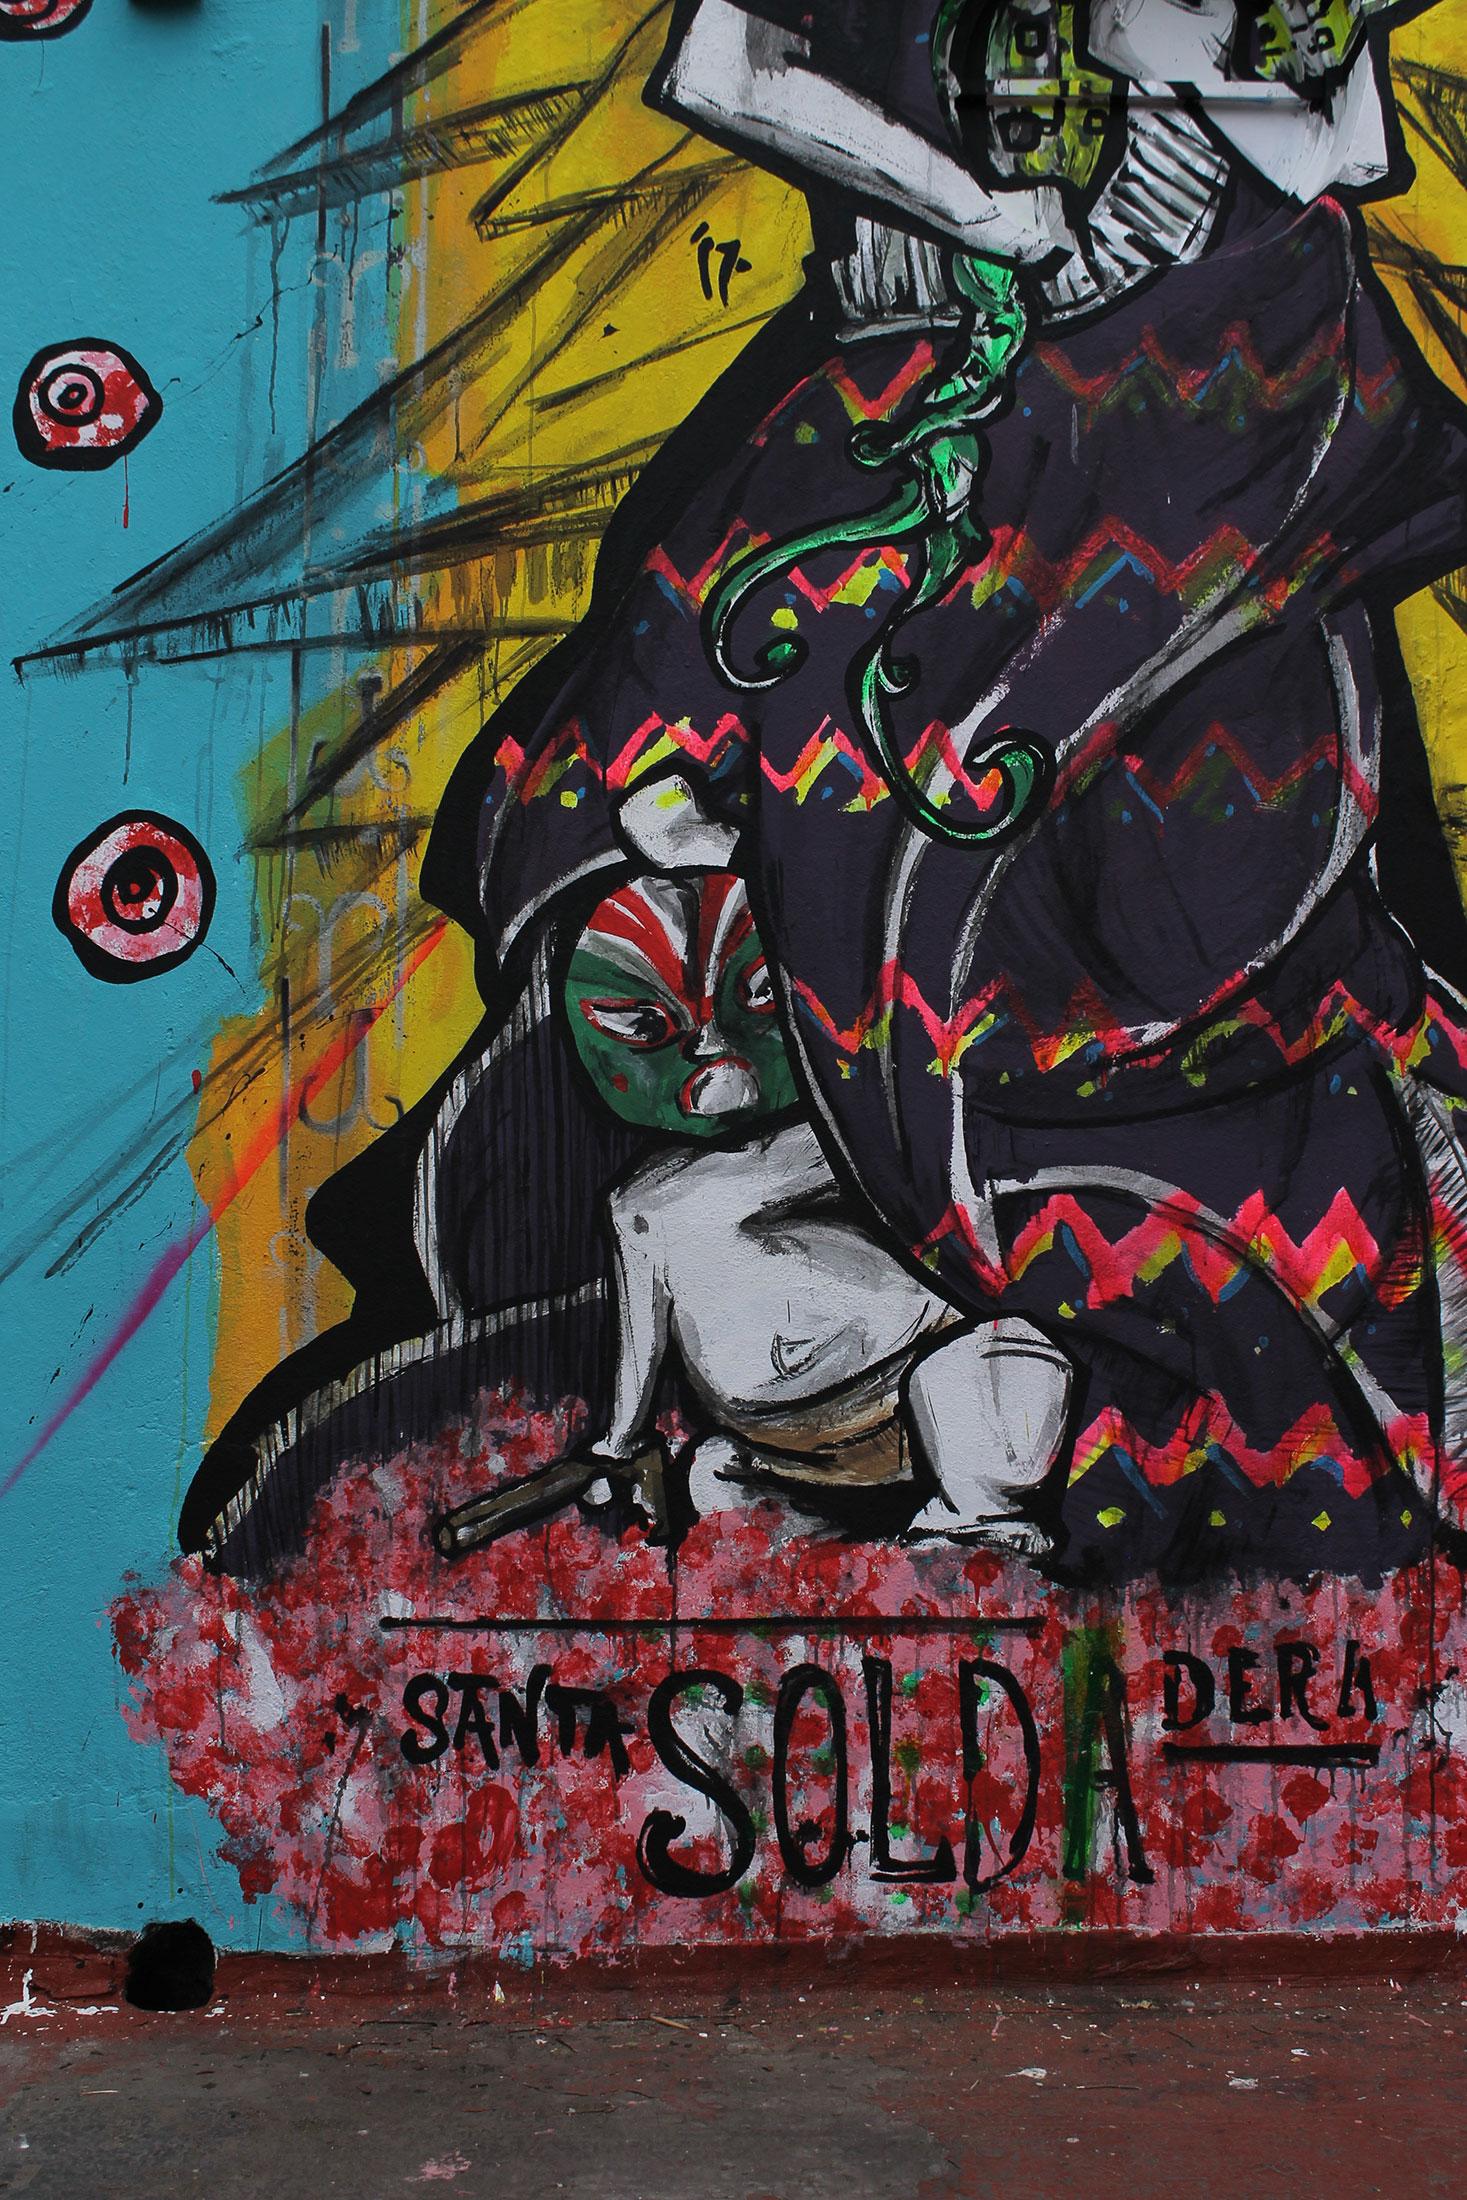 santa solda - malditomosquito 2